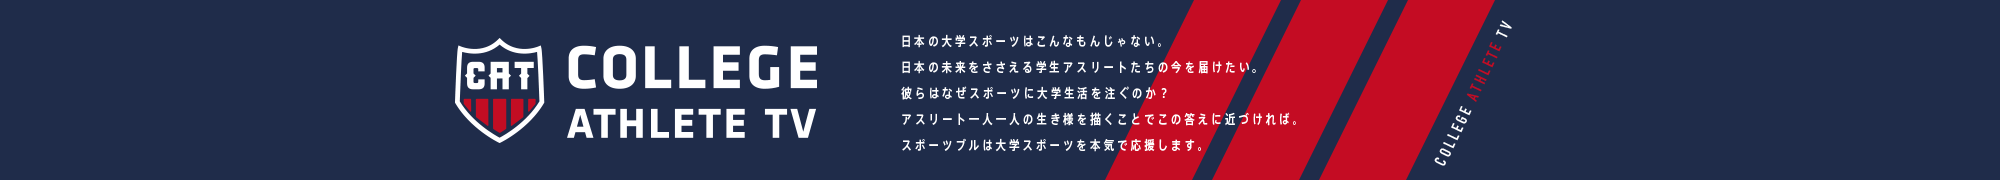 新指揮官・を迎え、新たなスタートを切った早大。東京六大学春季リーグ戦(春季リーグ戦)初陣が、いよいよ間近に迫ってきた。初戦の相手は、現在62季連続で最下位に沈んでいる東大。しかし、…